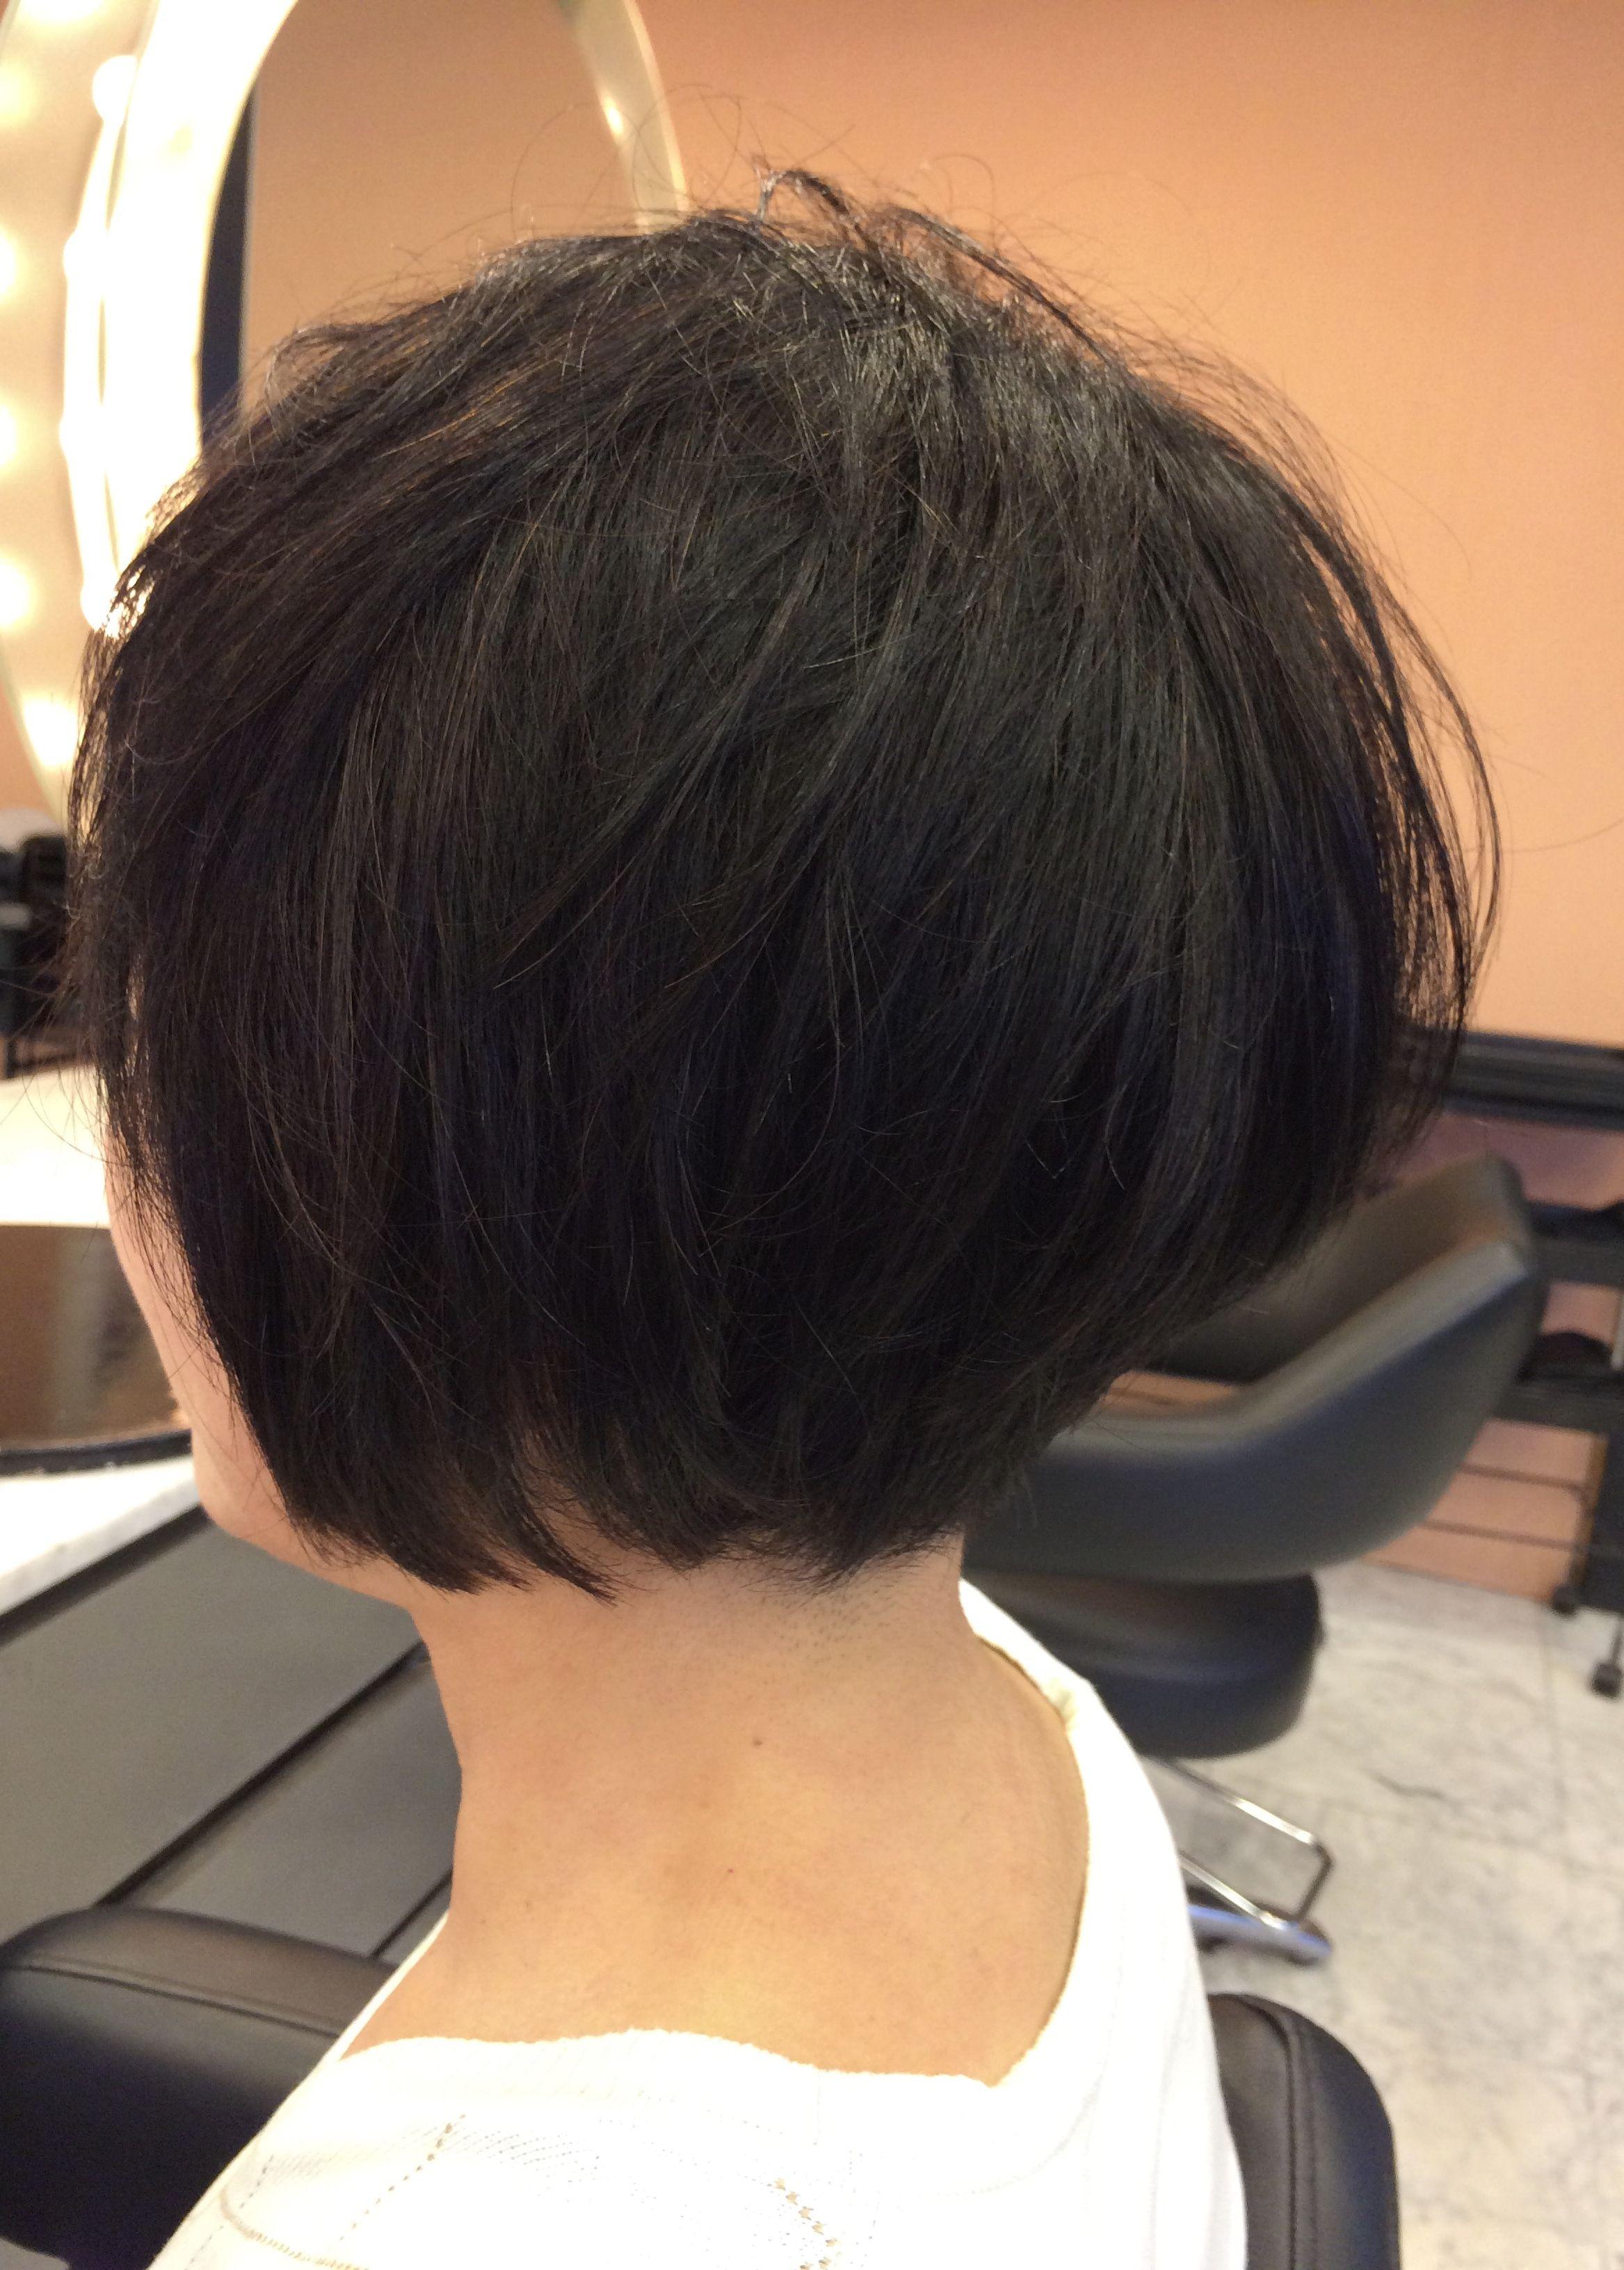 40代50代60代ヘアスタイル髪型 50代髪型 50代ショートボブ 2020